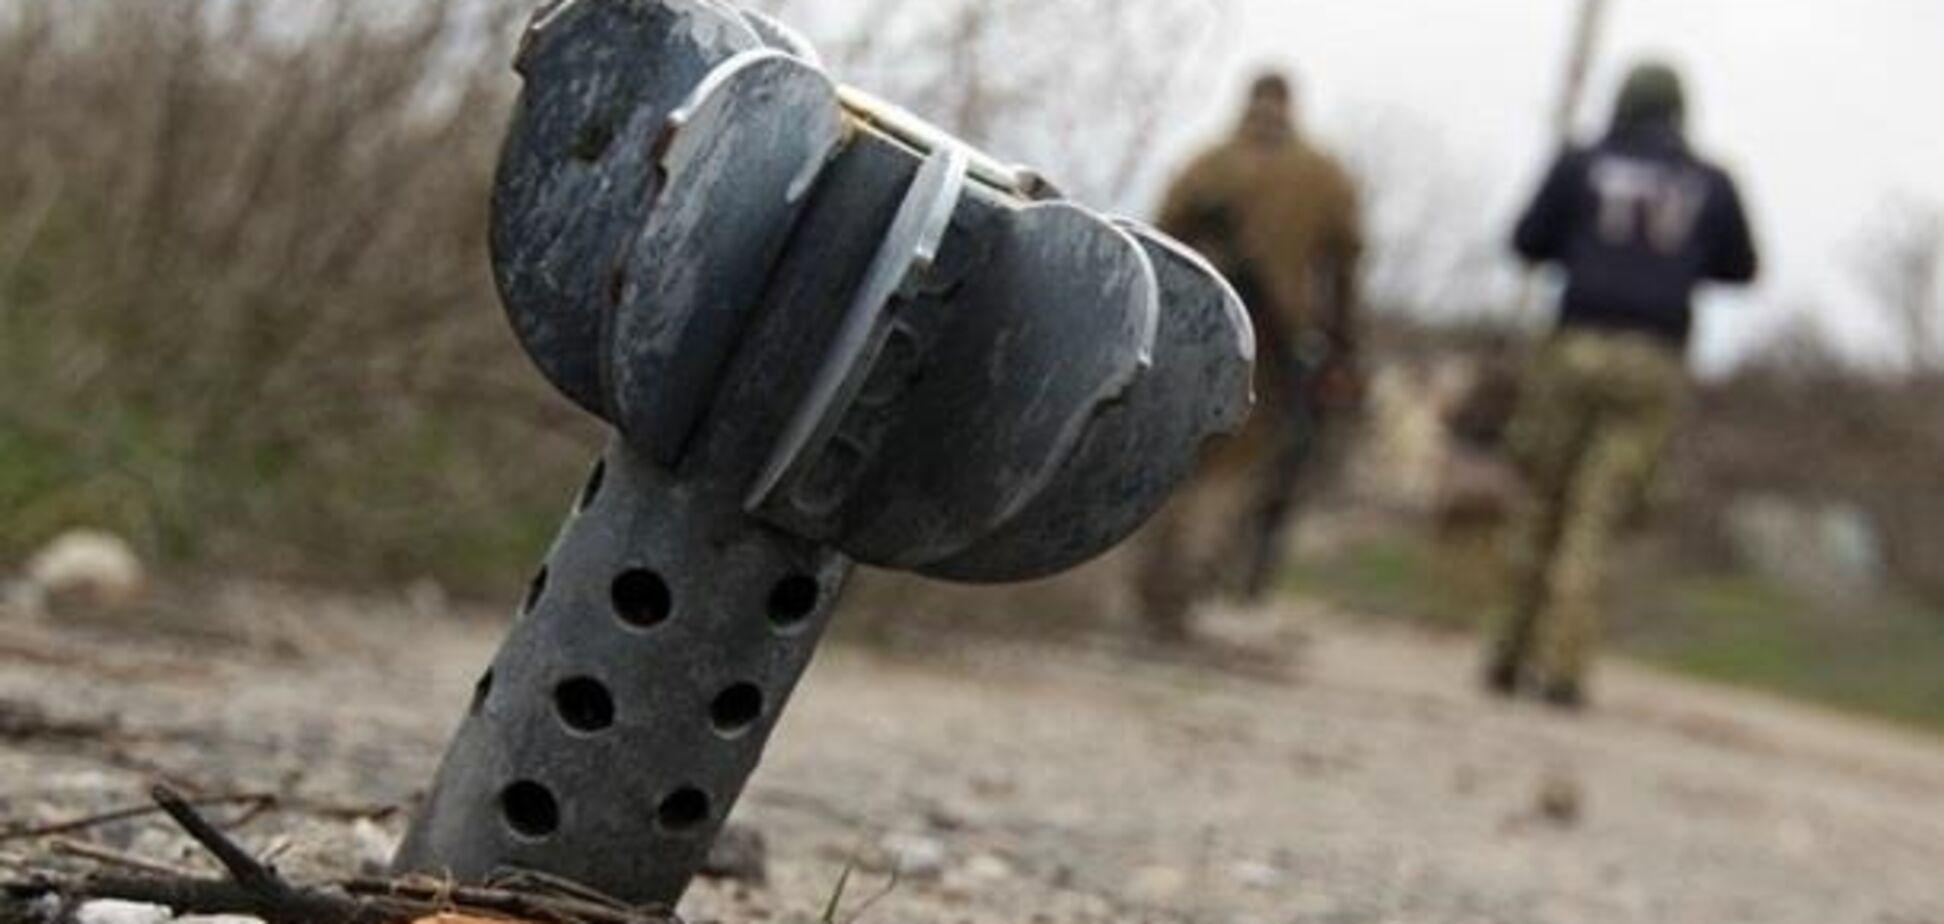 Силы АТО понесли потери: террористы 'Л/ДНР' применили пулеметы и гранатометы